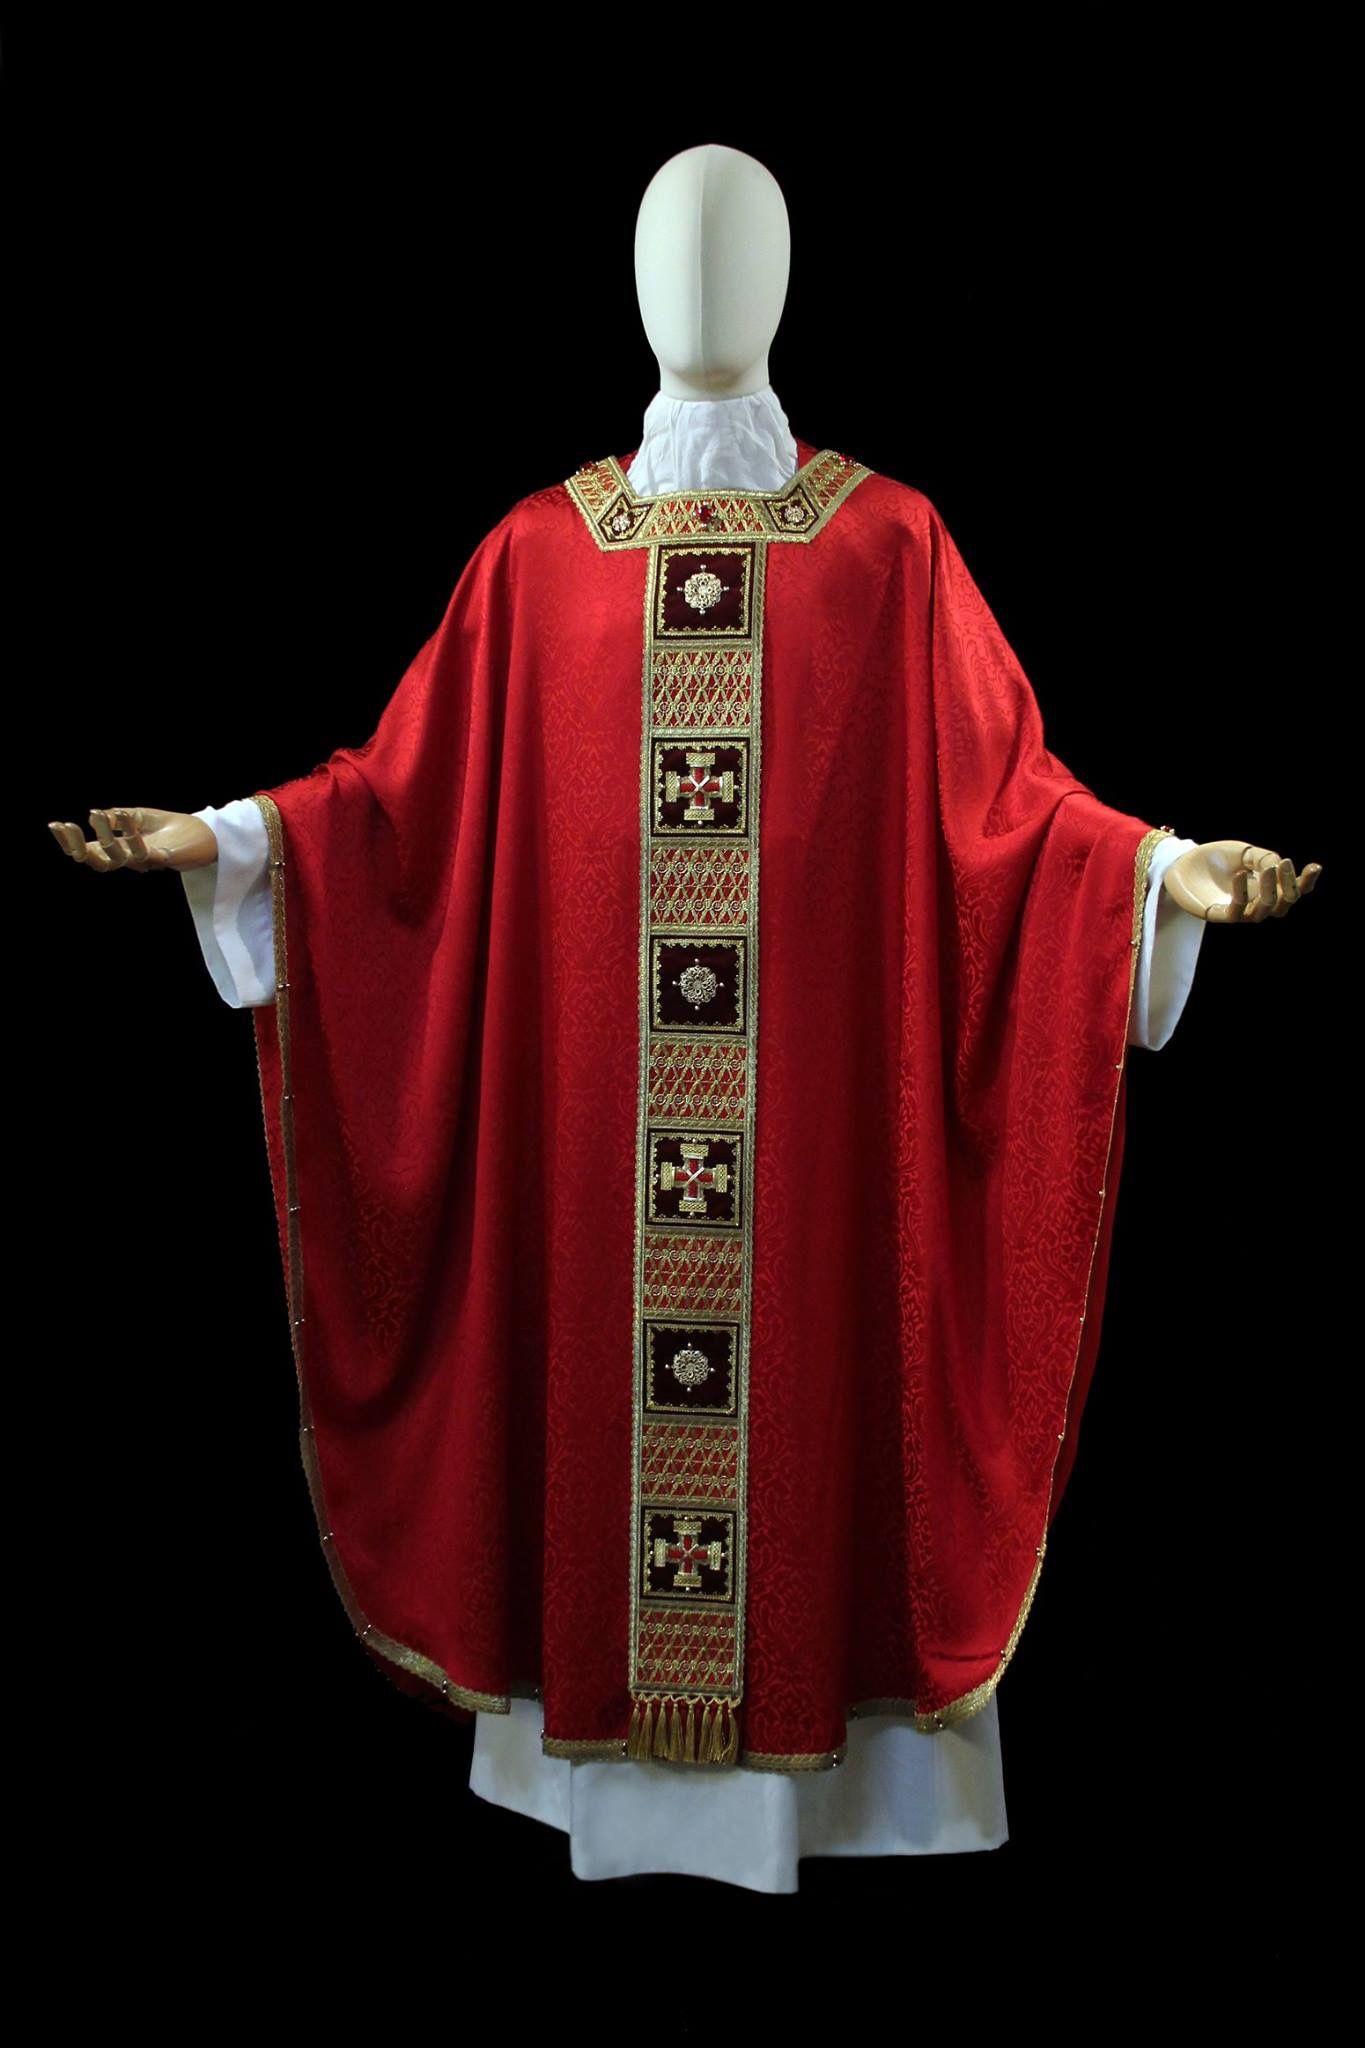 Pin De Isabel Castellanos En Ropa Ornamental Ornamentos Liturgicos Ornamentos Casullas